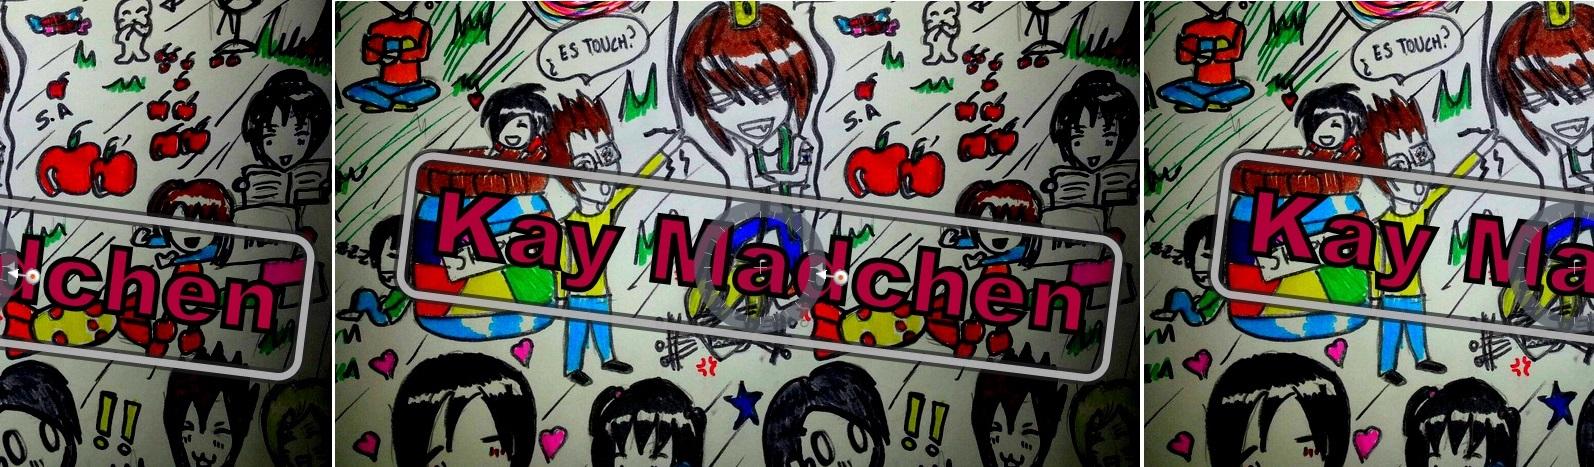 Kay Madchen